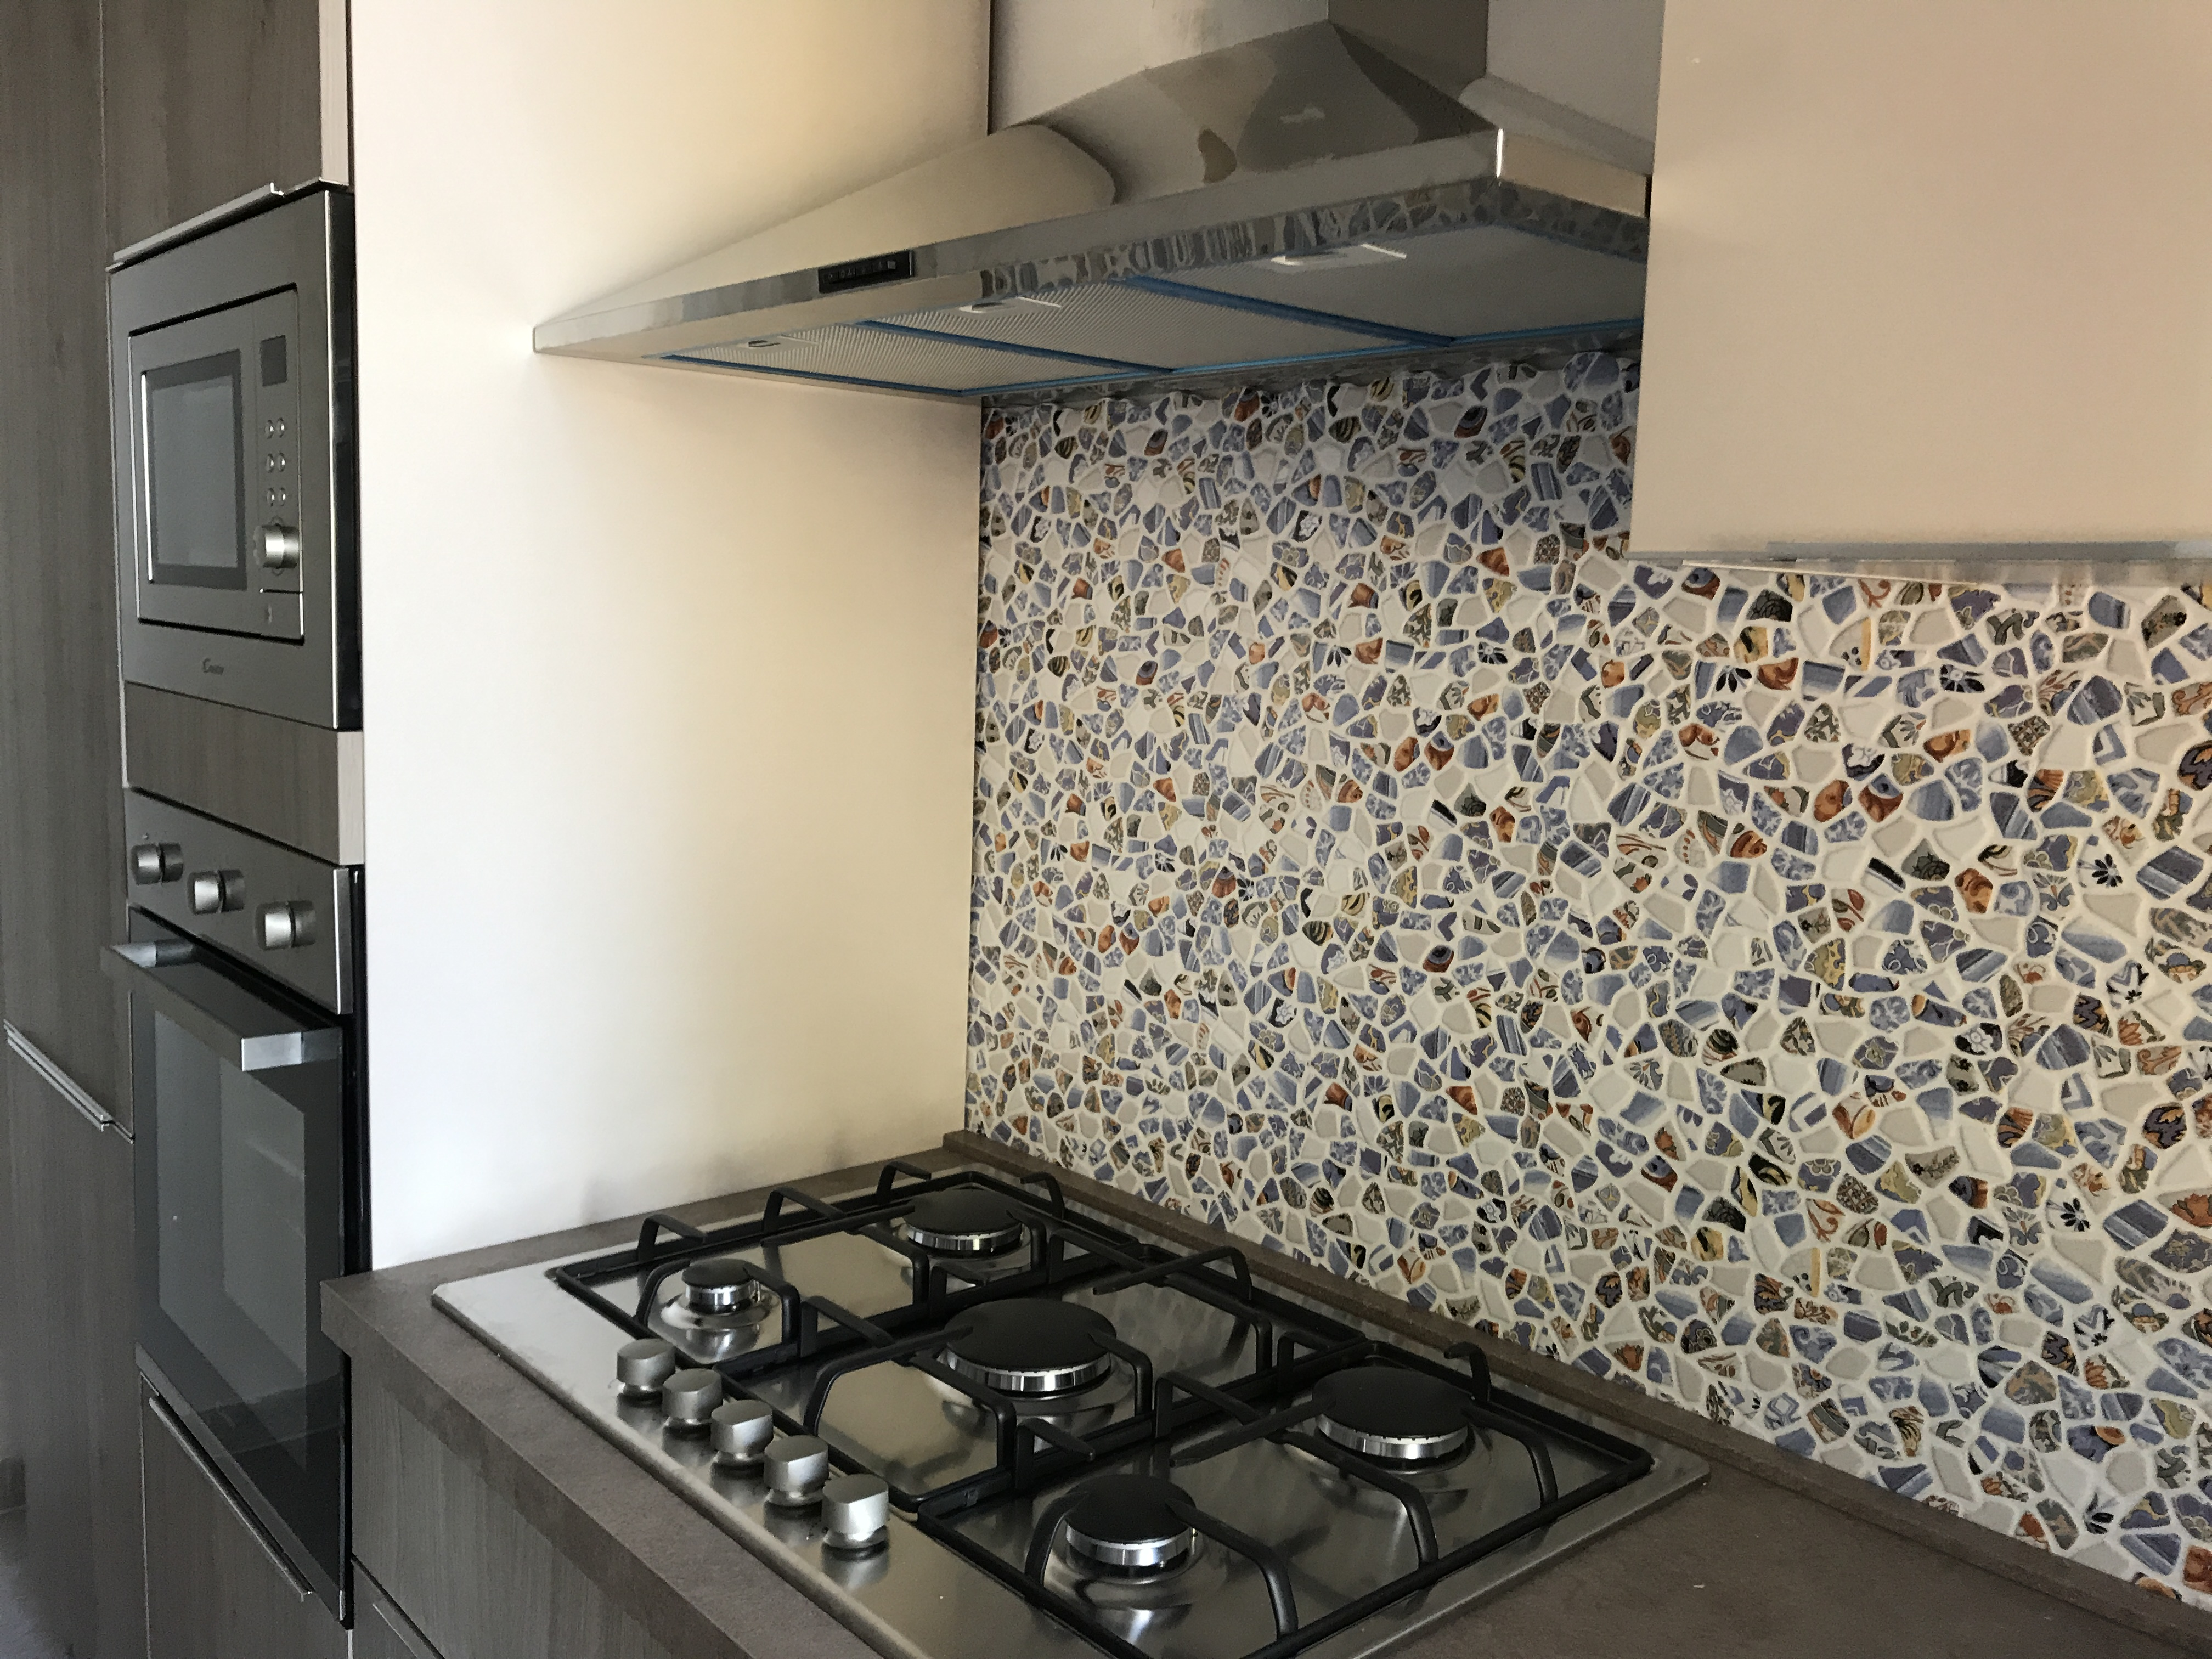 Nuova cucina con forno ventilato e a microonde